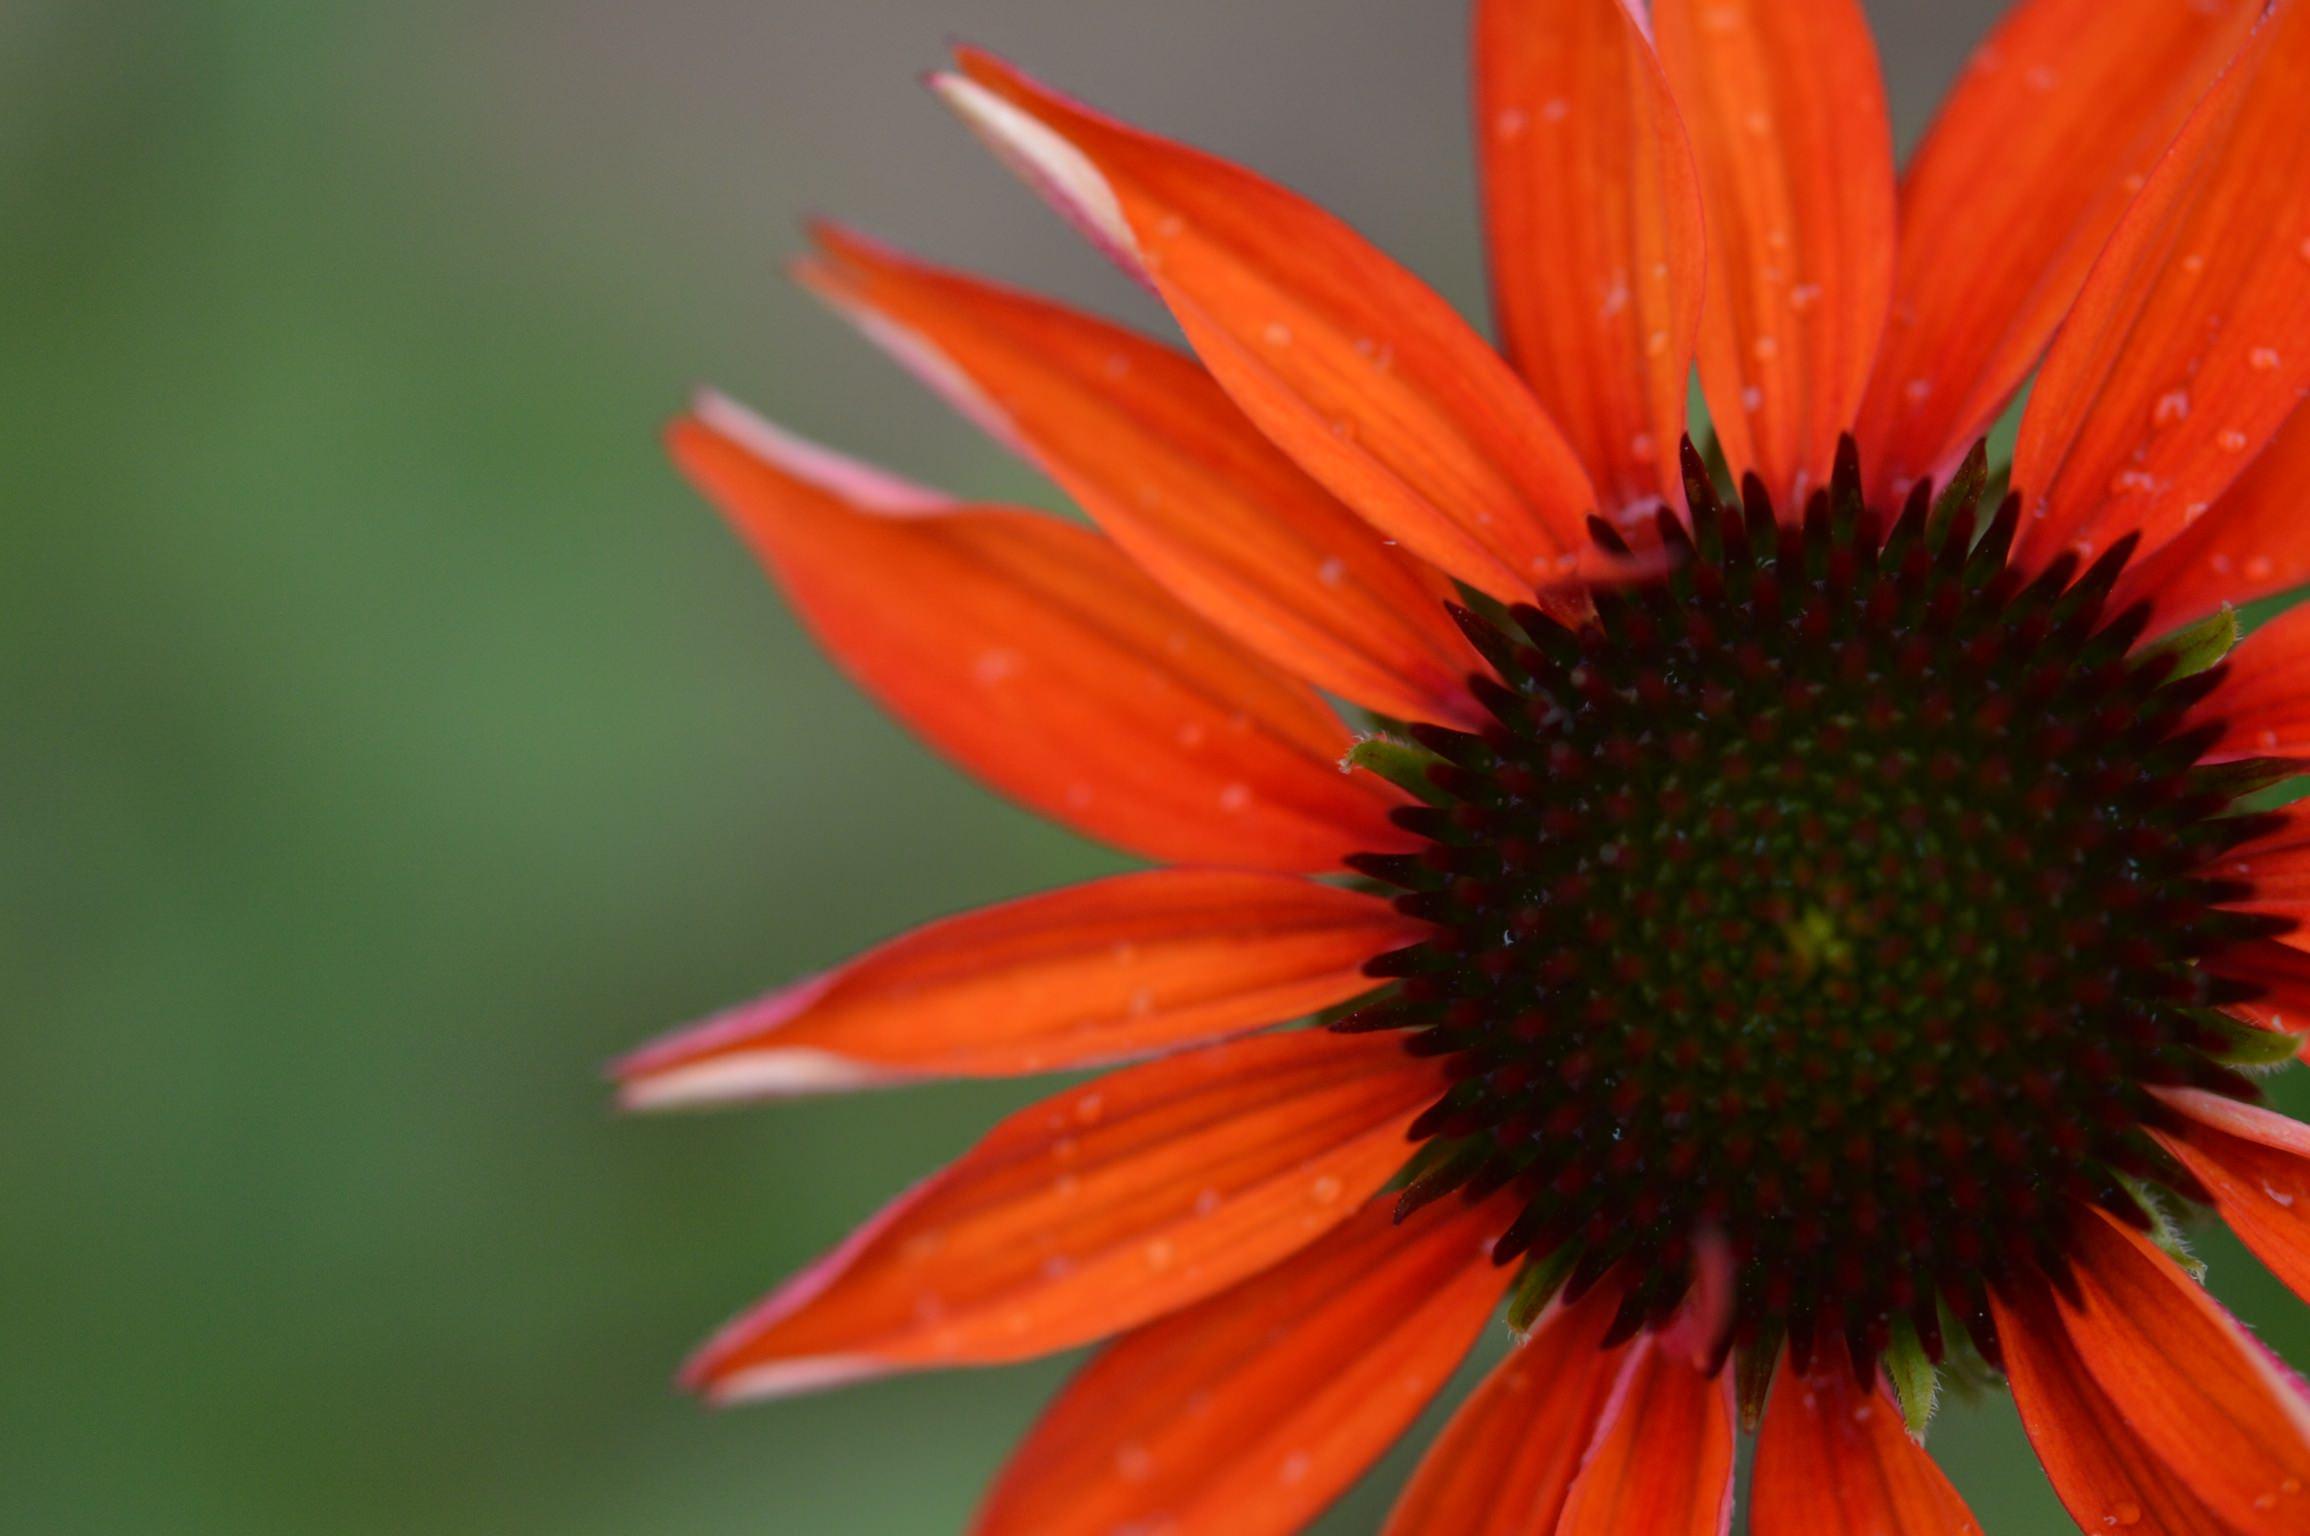 エキナセアの育て方|種まき、苗の植え替え時期は?冬越しはできる?の画像